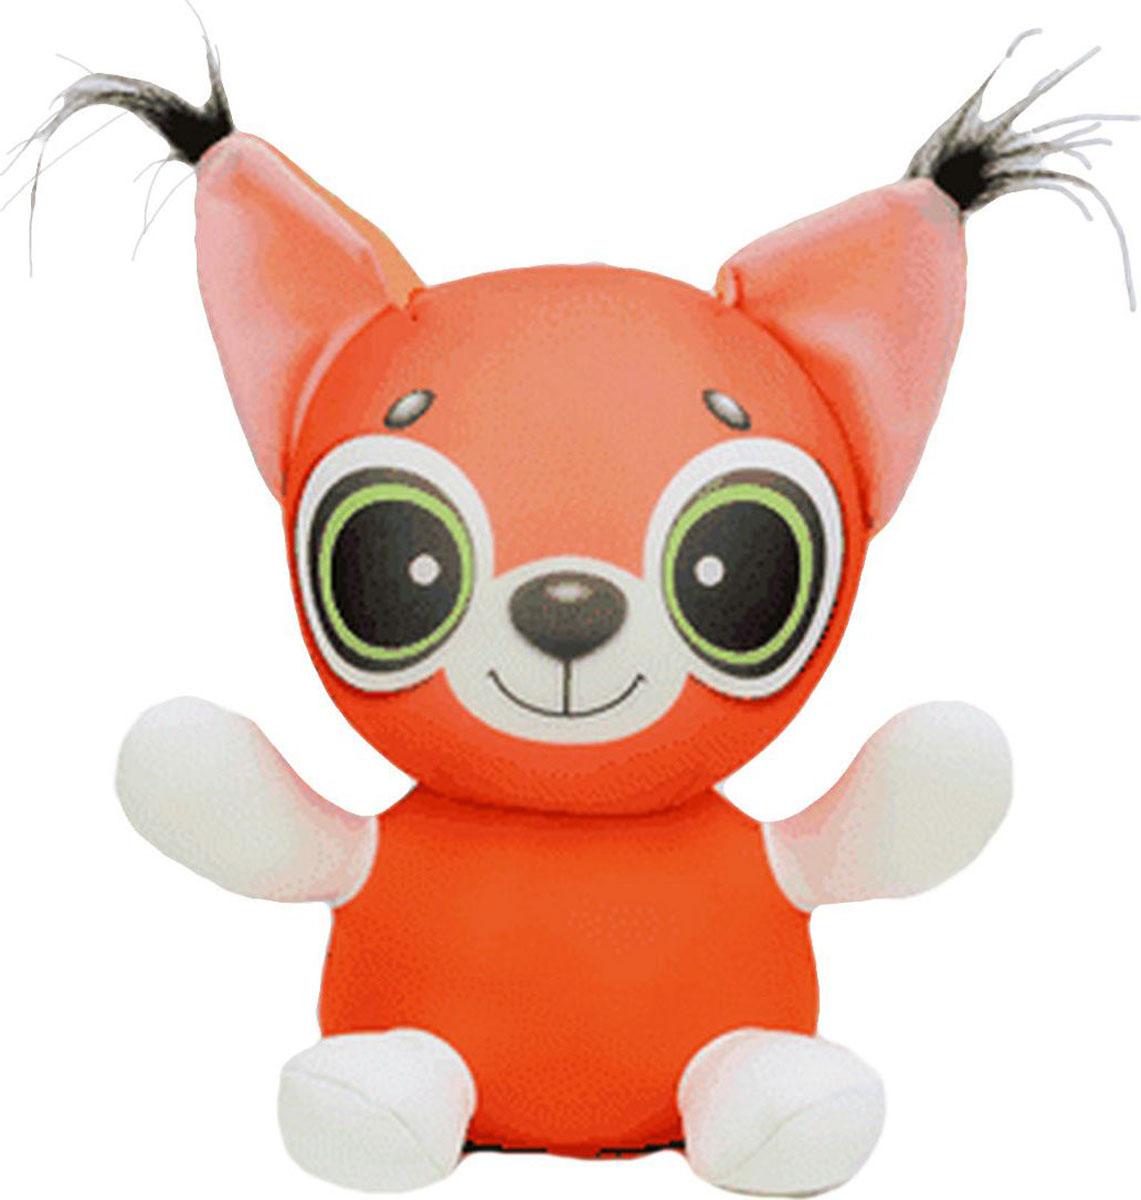 Подушка-игрушка Штучки, к которым тянутся ручки антистрессовая Анимашки. Бельчонок, оранжевый